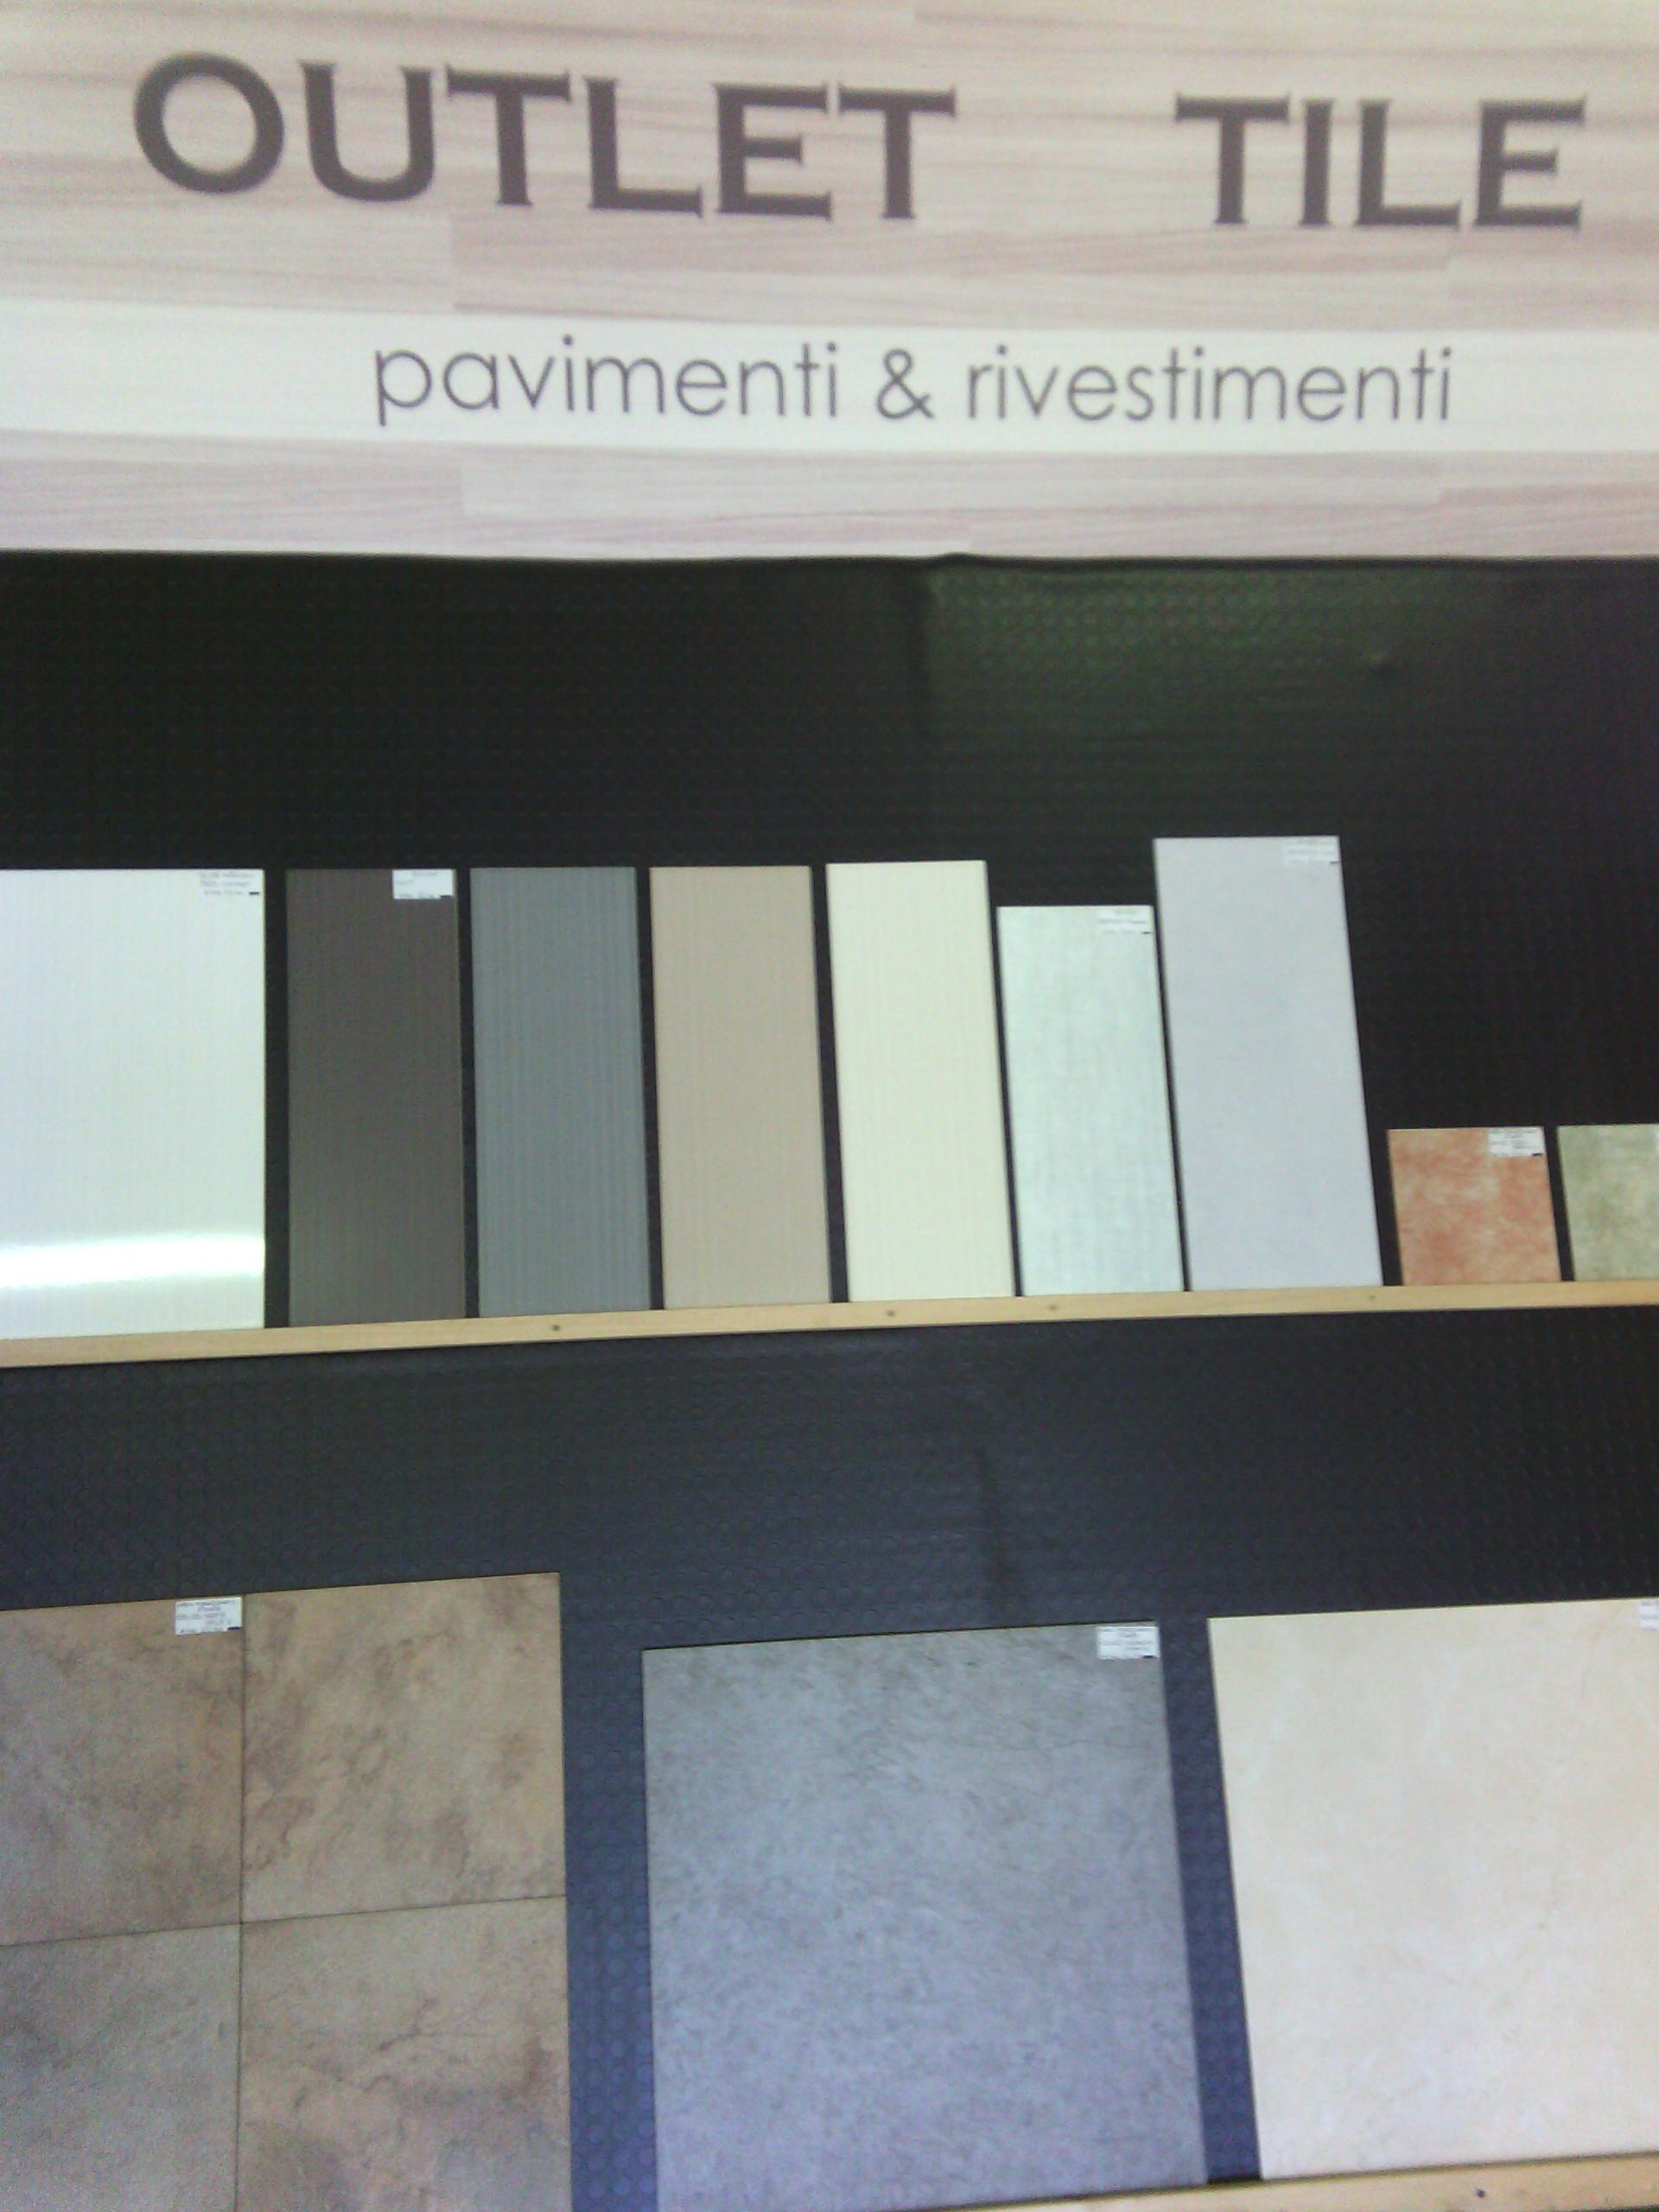 Outlet - Pavimenti Archivi - Pagina 7 di 7 - La Boutique della ...